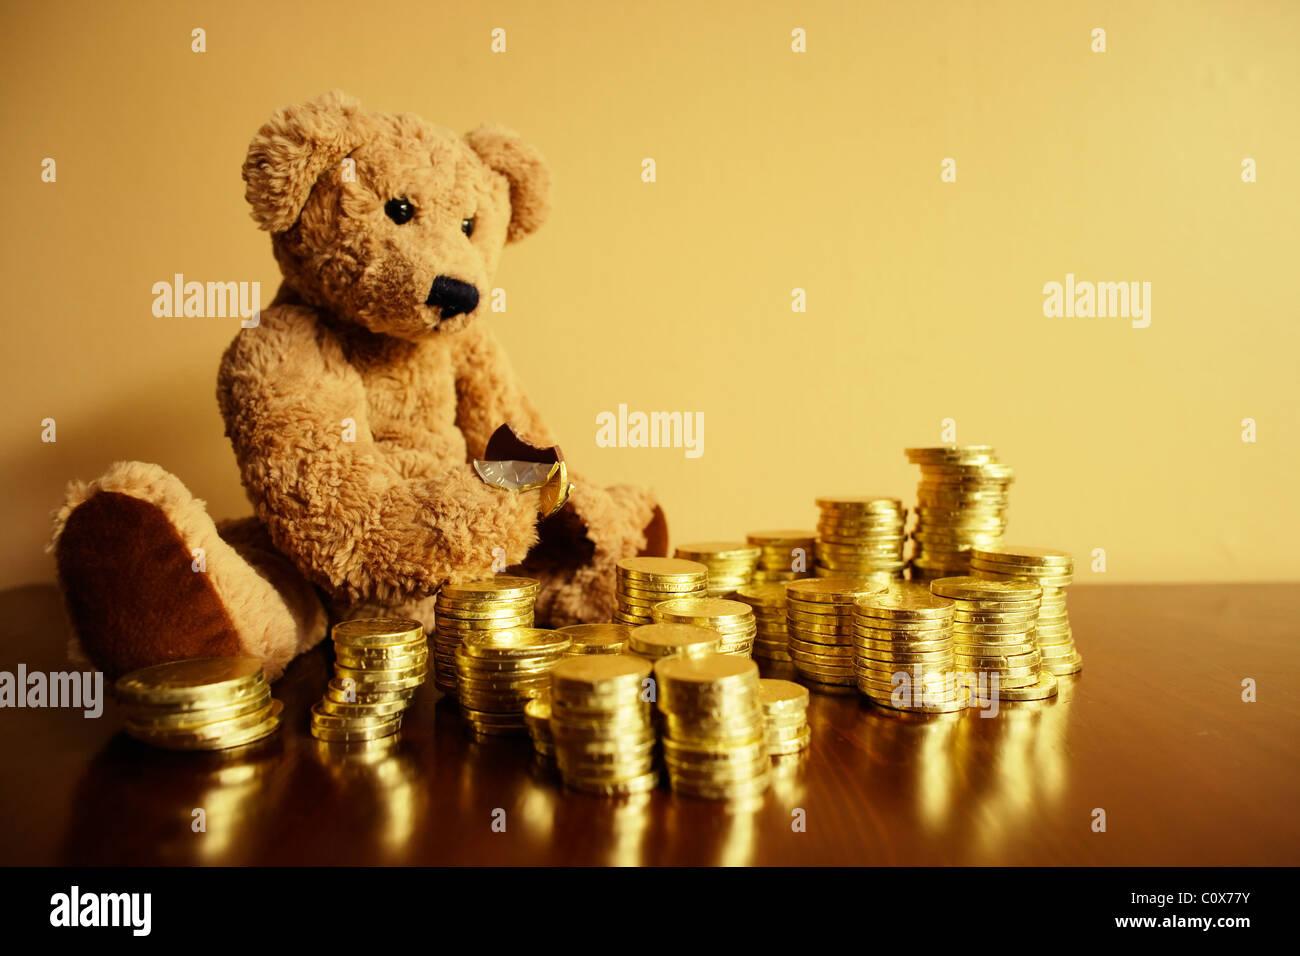 Ted steckt in seiner Schokolade Goldmünze Investition. Stockfoto